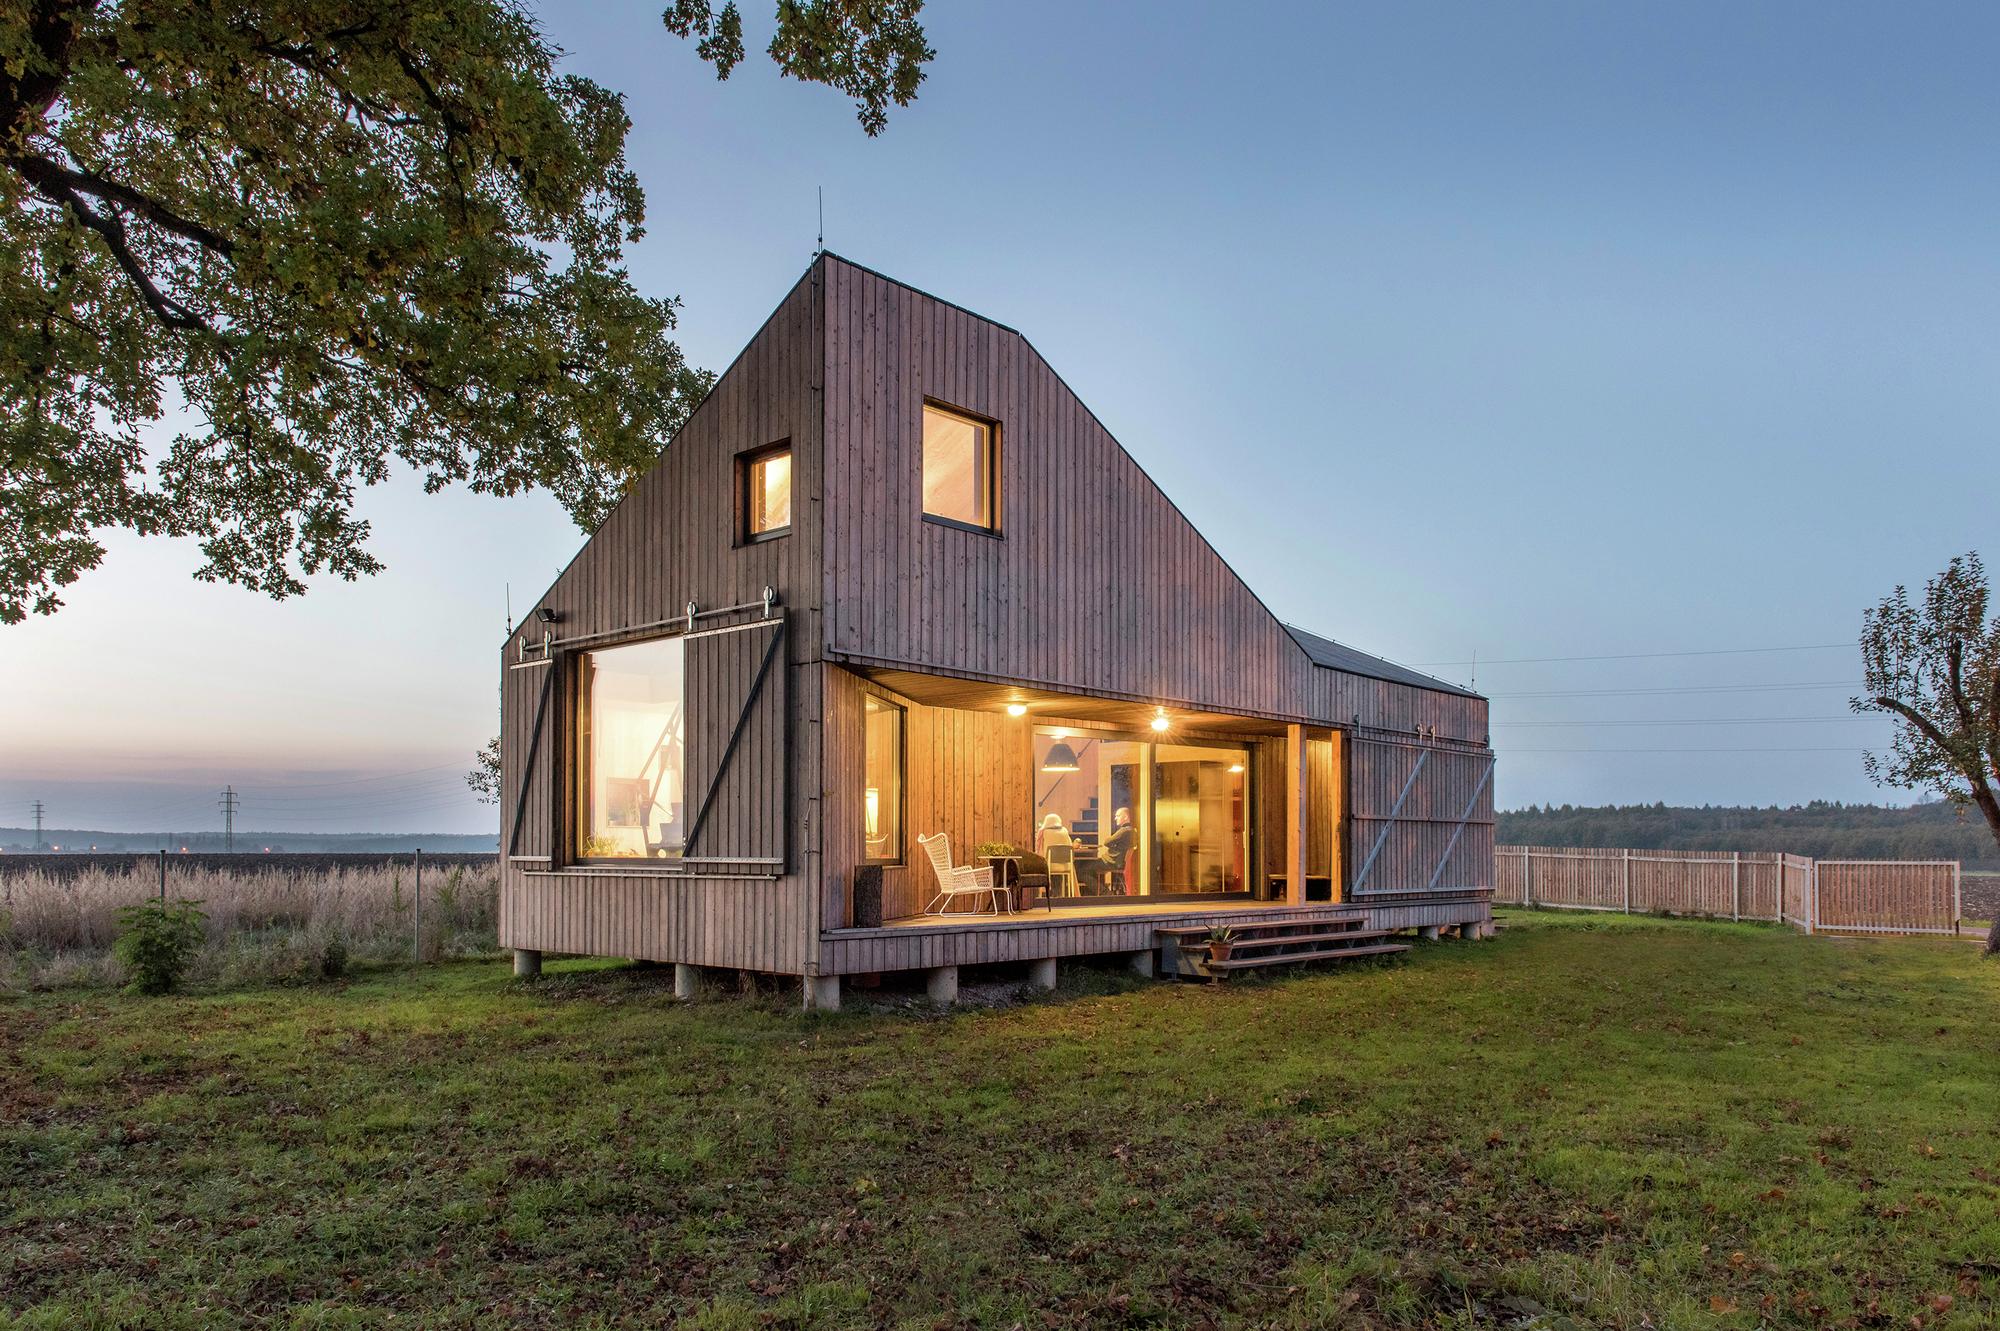 Fotografia kolorowa przedstawiająca mały drewniany dom na polanie